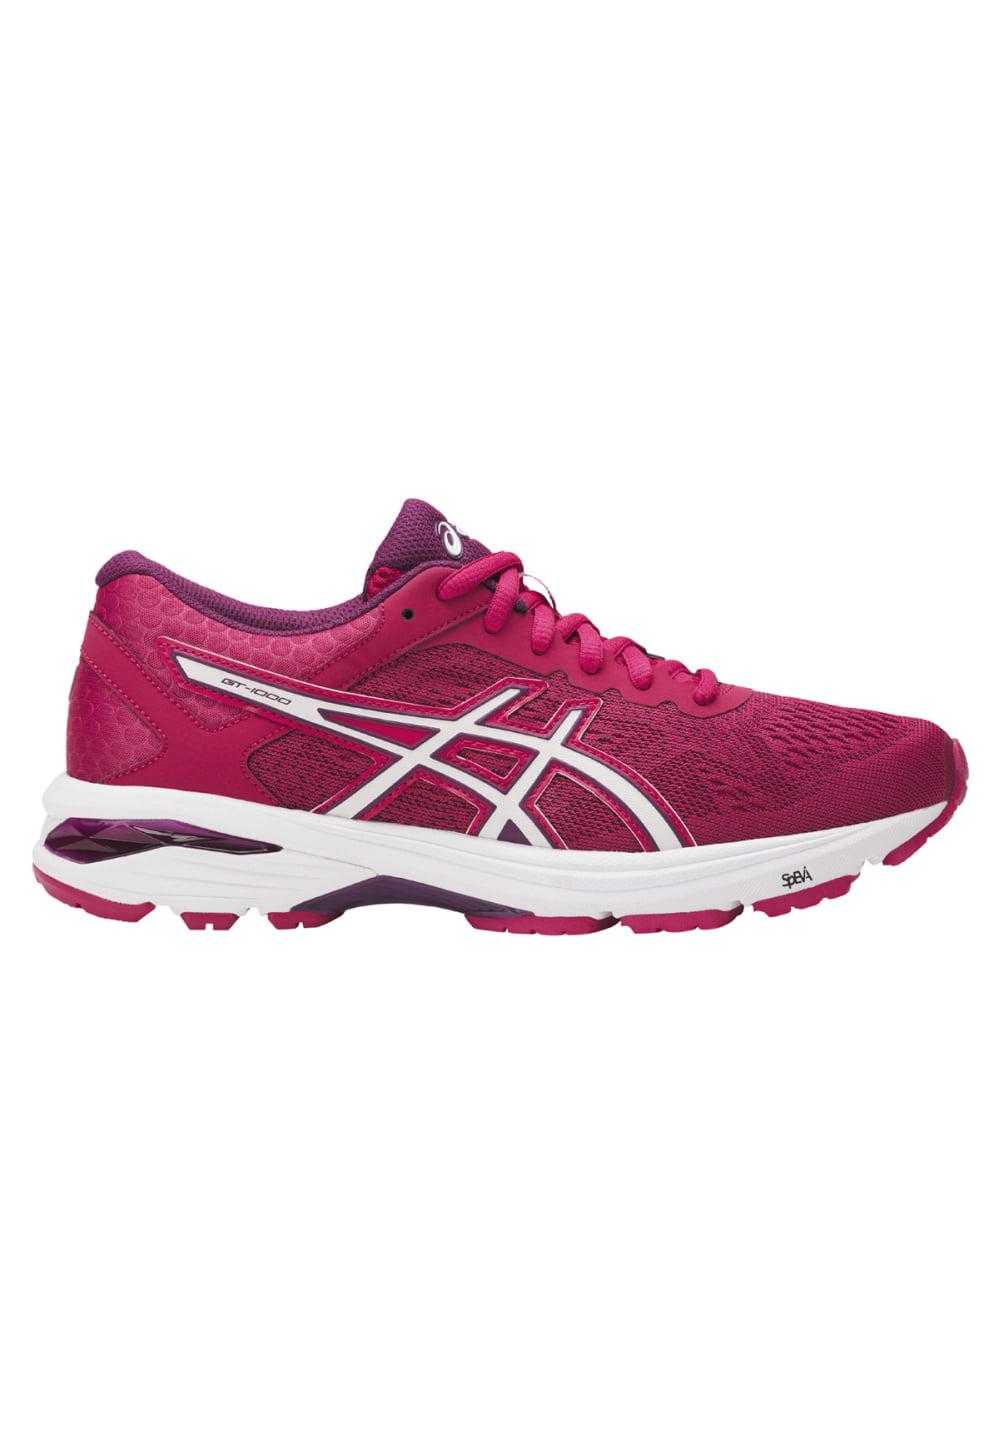 ASICS GT-1000 6 - Laufschuhe für Damen - Pink